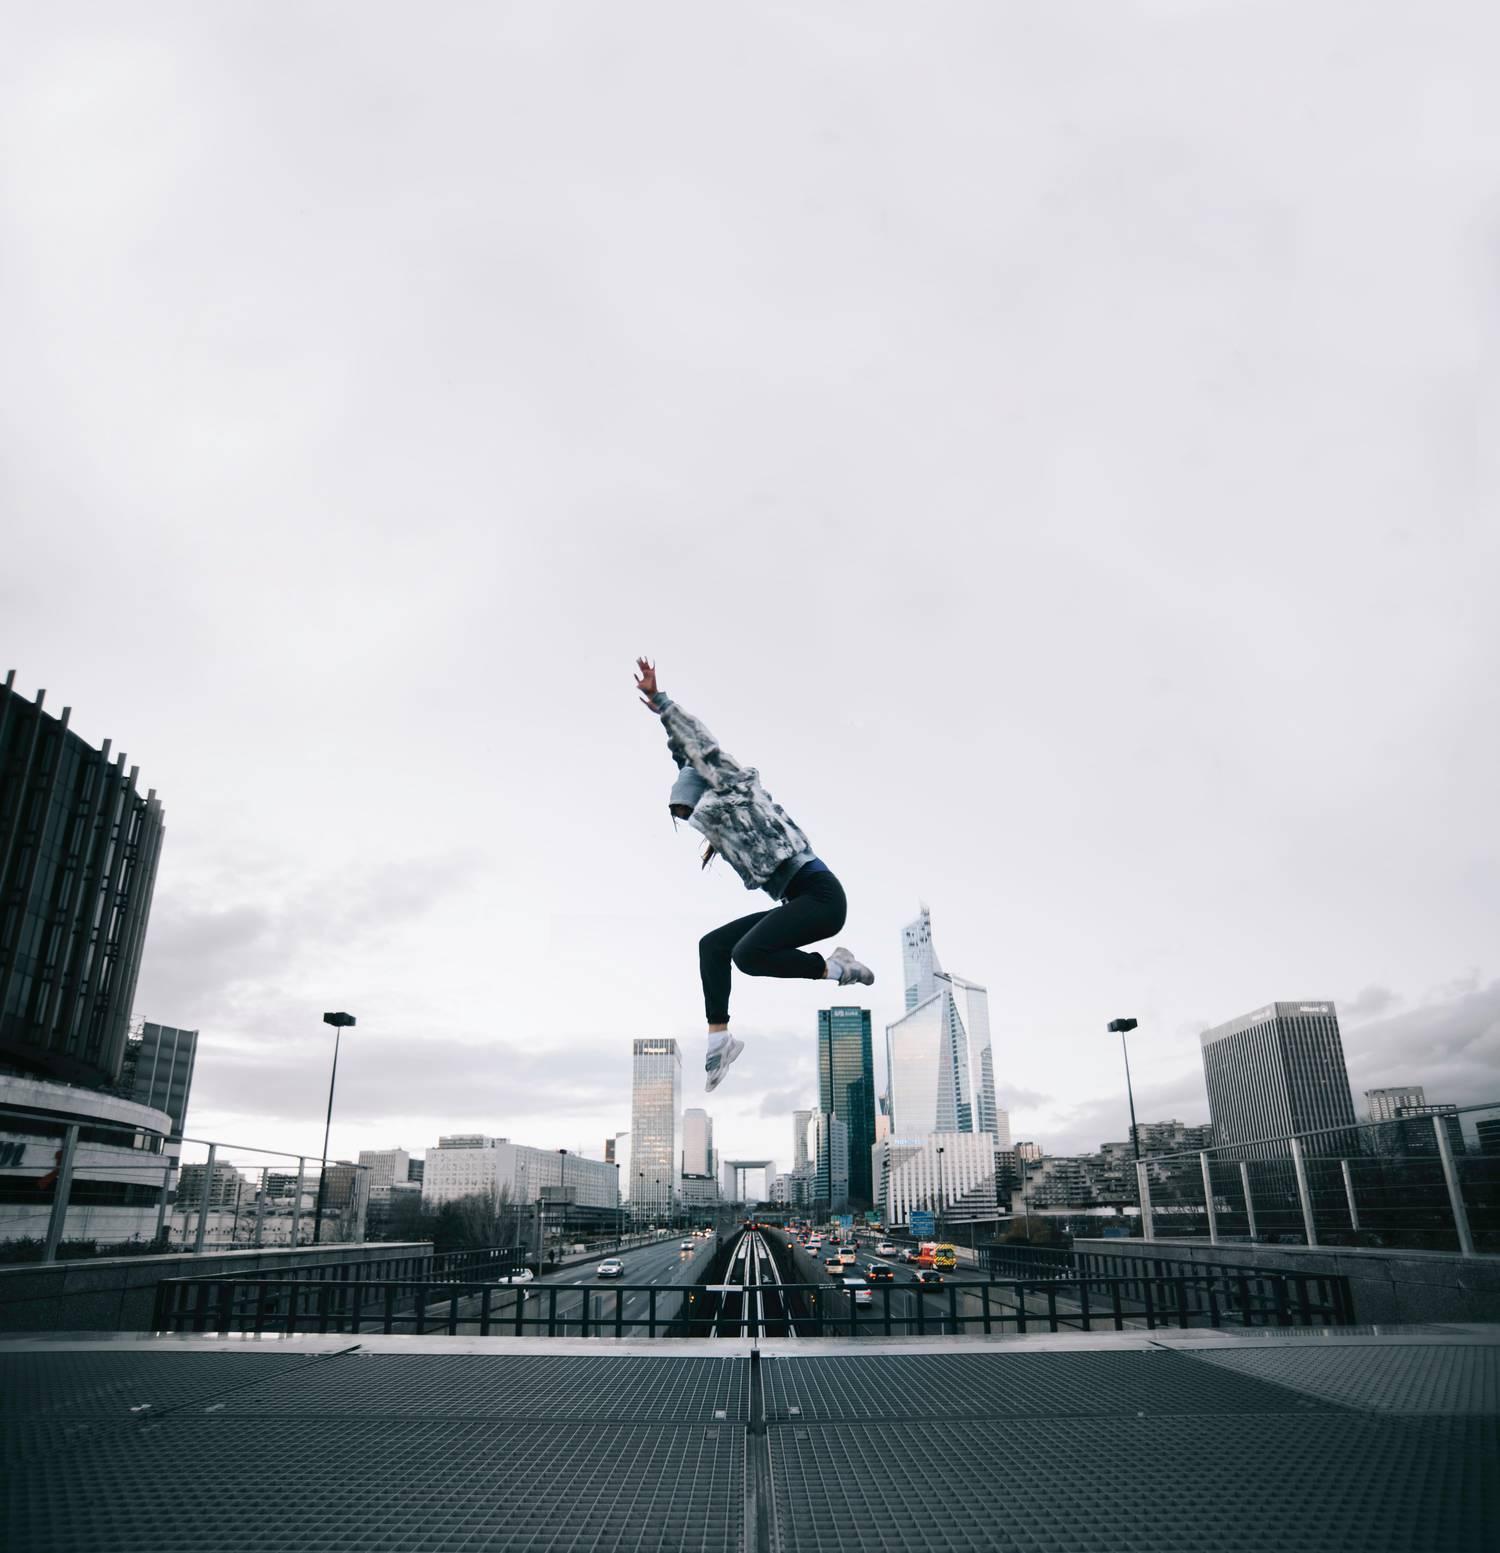 Joven saltando sobre la carretera y los rascacielos como ejemplo de fotografía urbana